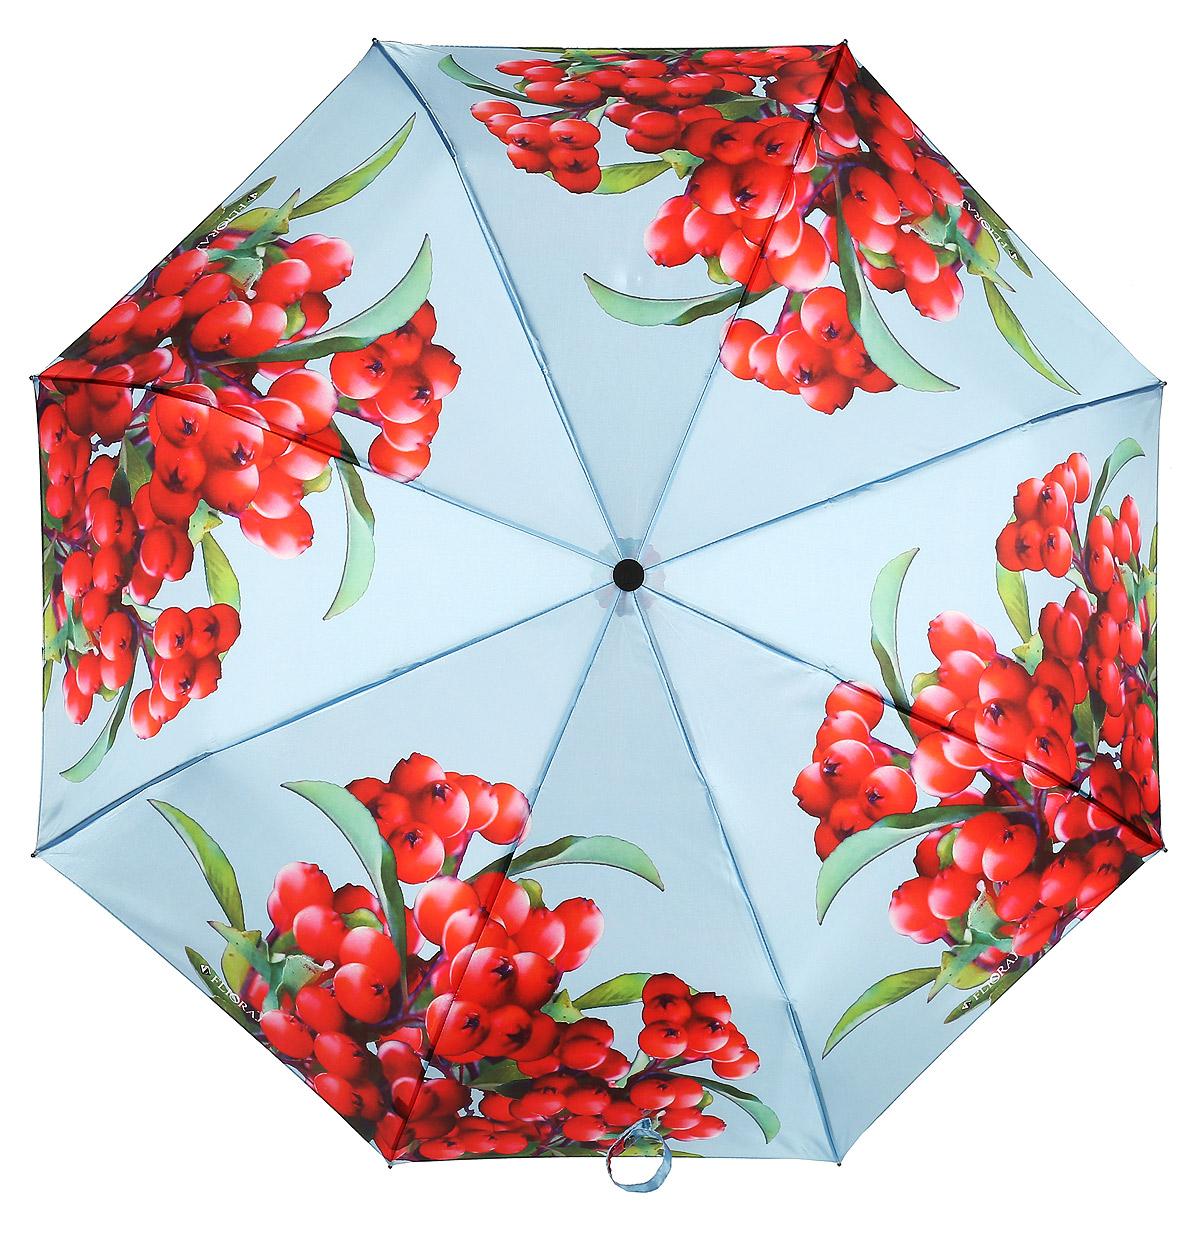 Зонт женский Flioraj, автомат, 3 сложения, цвет: красный, голубой. 190210 FJ190210 FJЭлегантный зонт FJ. Уникальный каркас из анодированной стали, карбоновые спицы помогут выдержать натиск ураганного ветра. Улучшенный механизм зонта, максимально комфортная ручка держателя, увеличенный в длину стержень, тефлоновая пропитка материала купола - совершенство конструкции с изысканностью изделия на фоне конкурентоспособной цены.